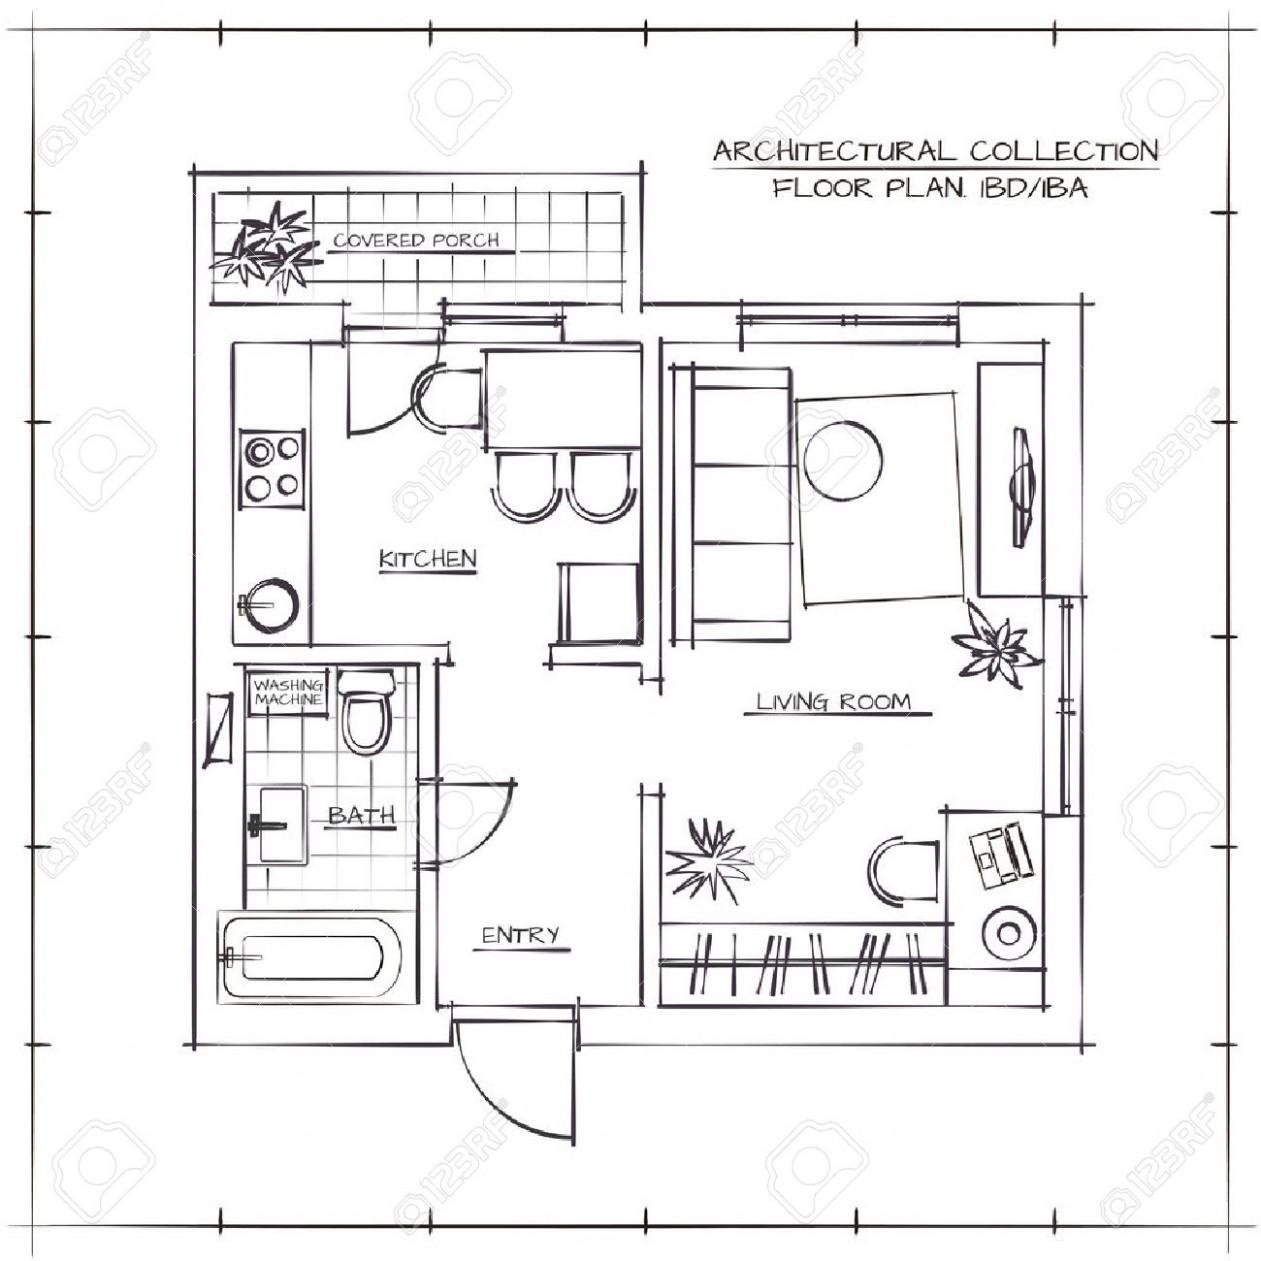 Architectural Hand Drawn Floor Plan